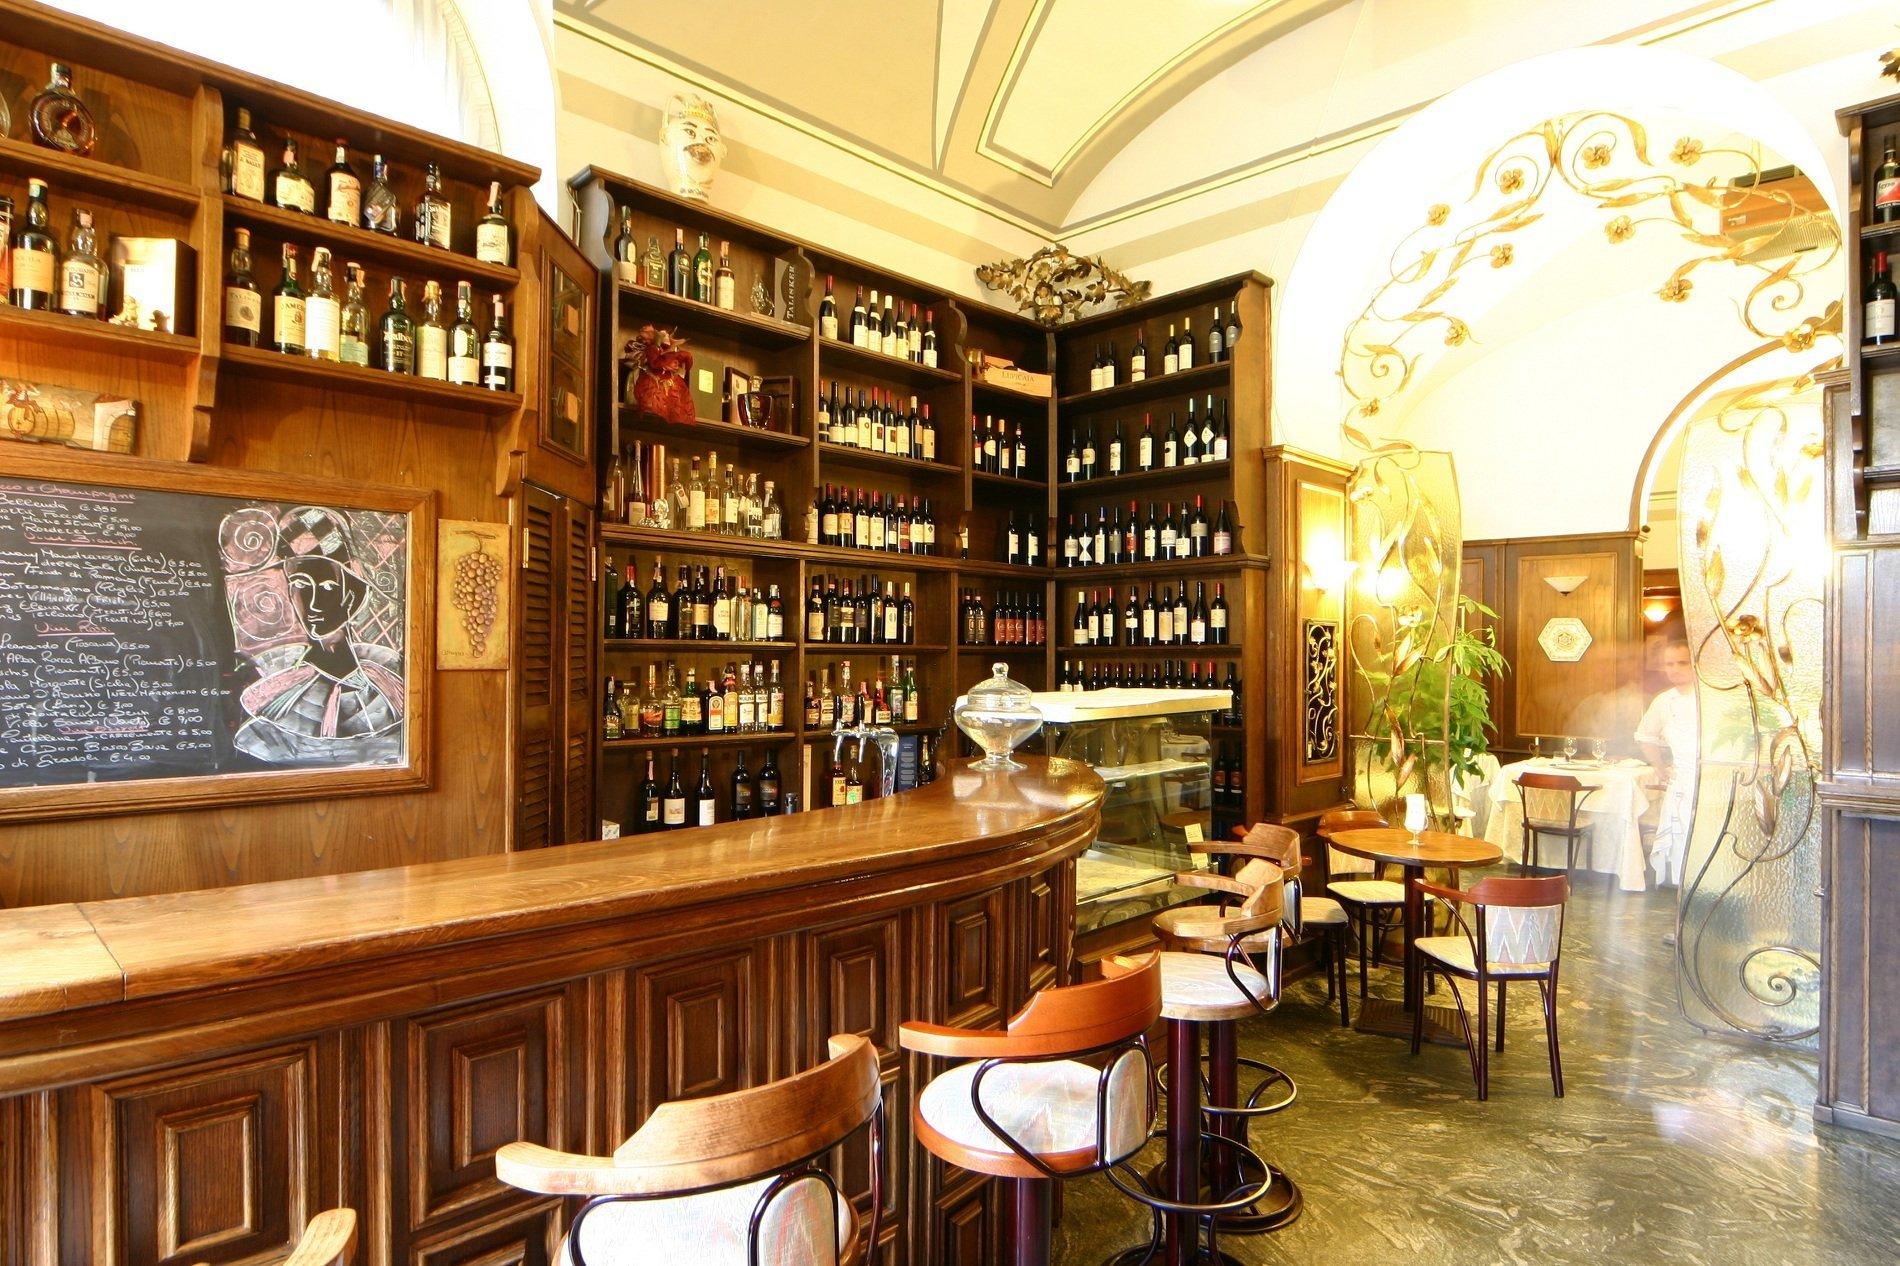 Immagine del pub rivestito di legno, sgabelli alti e decorato come un pub britannico